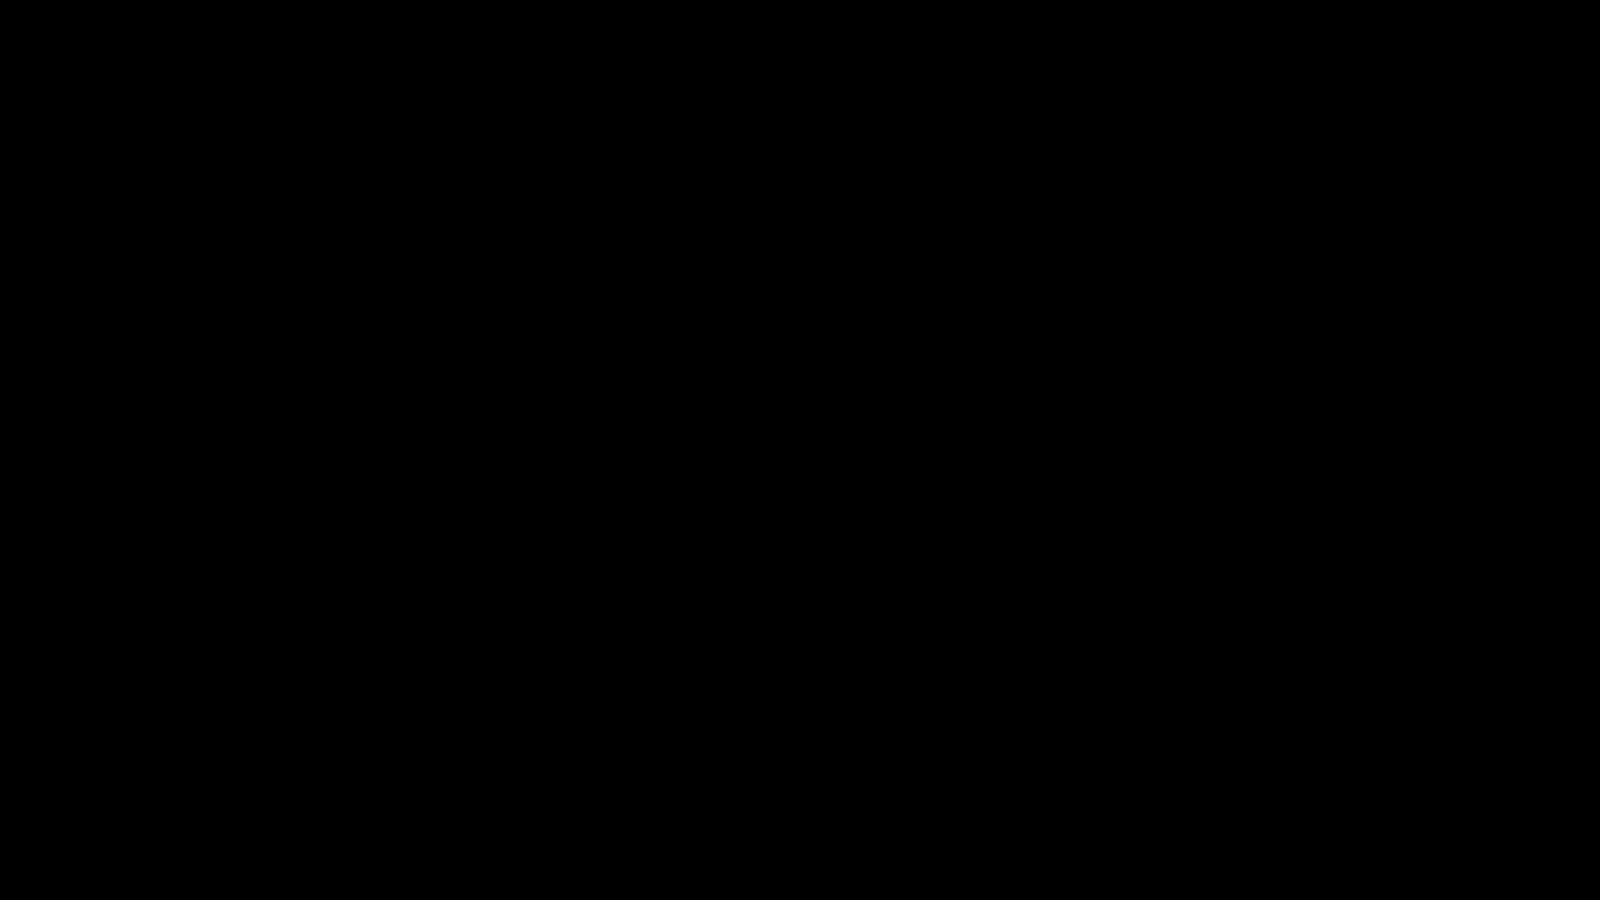 全米ヨガアライアンス認定校の集中講座 RYT500 & RYT200 東京・大阪・名古屋・広島・静岡